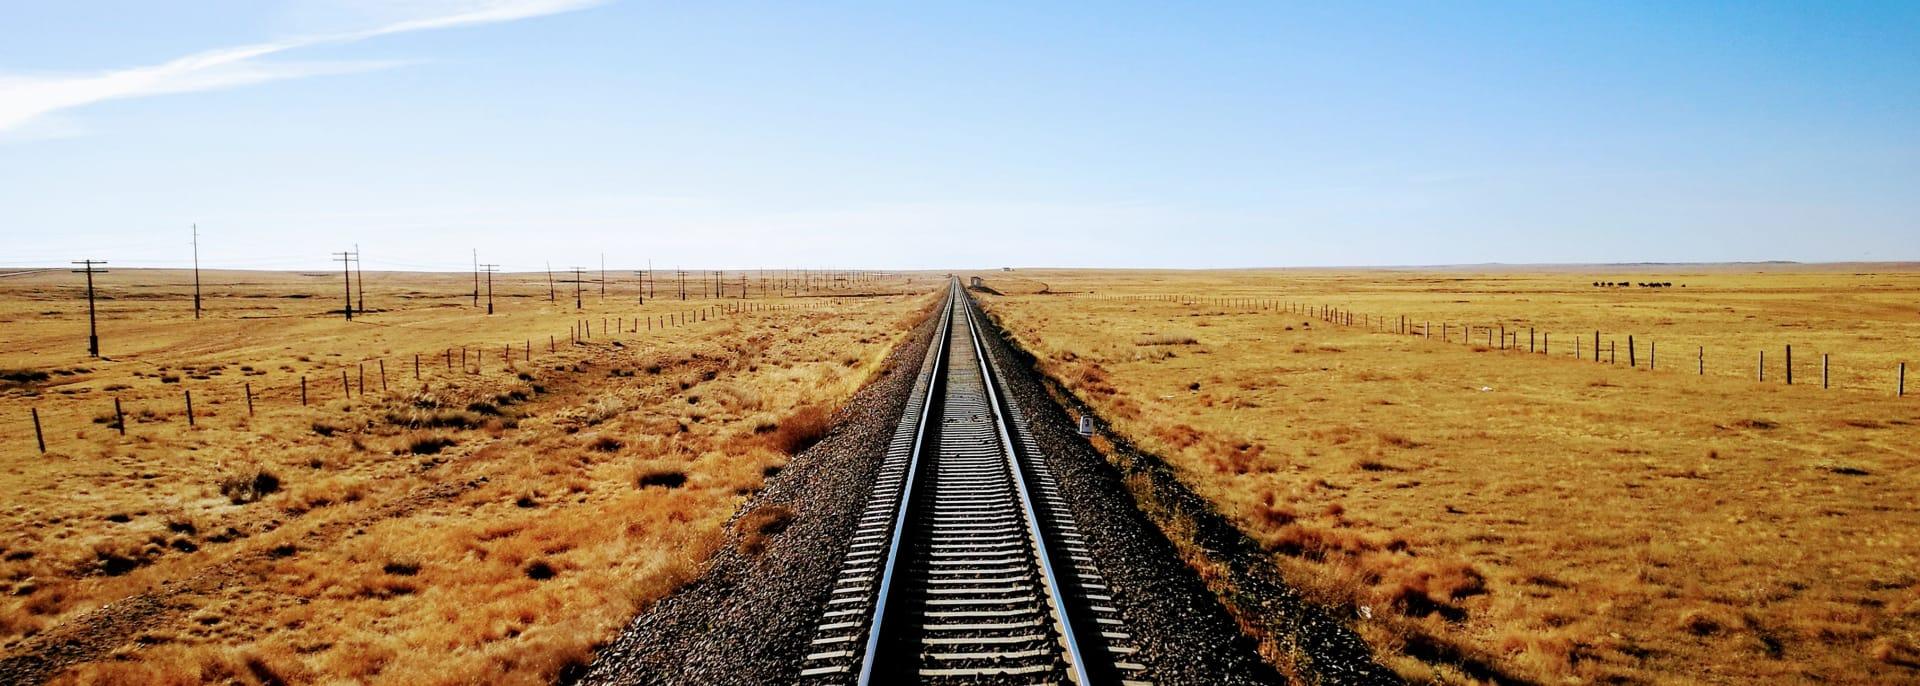 Zugreisen, Zentralasien